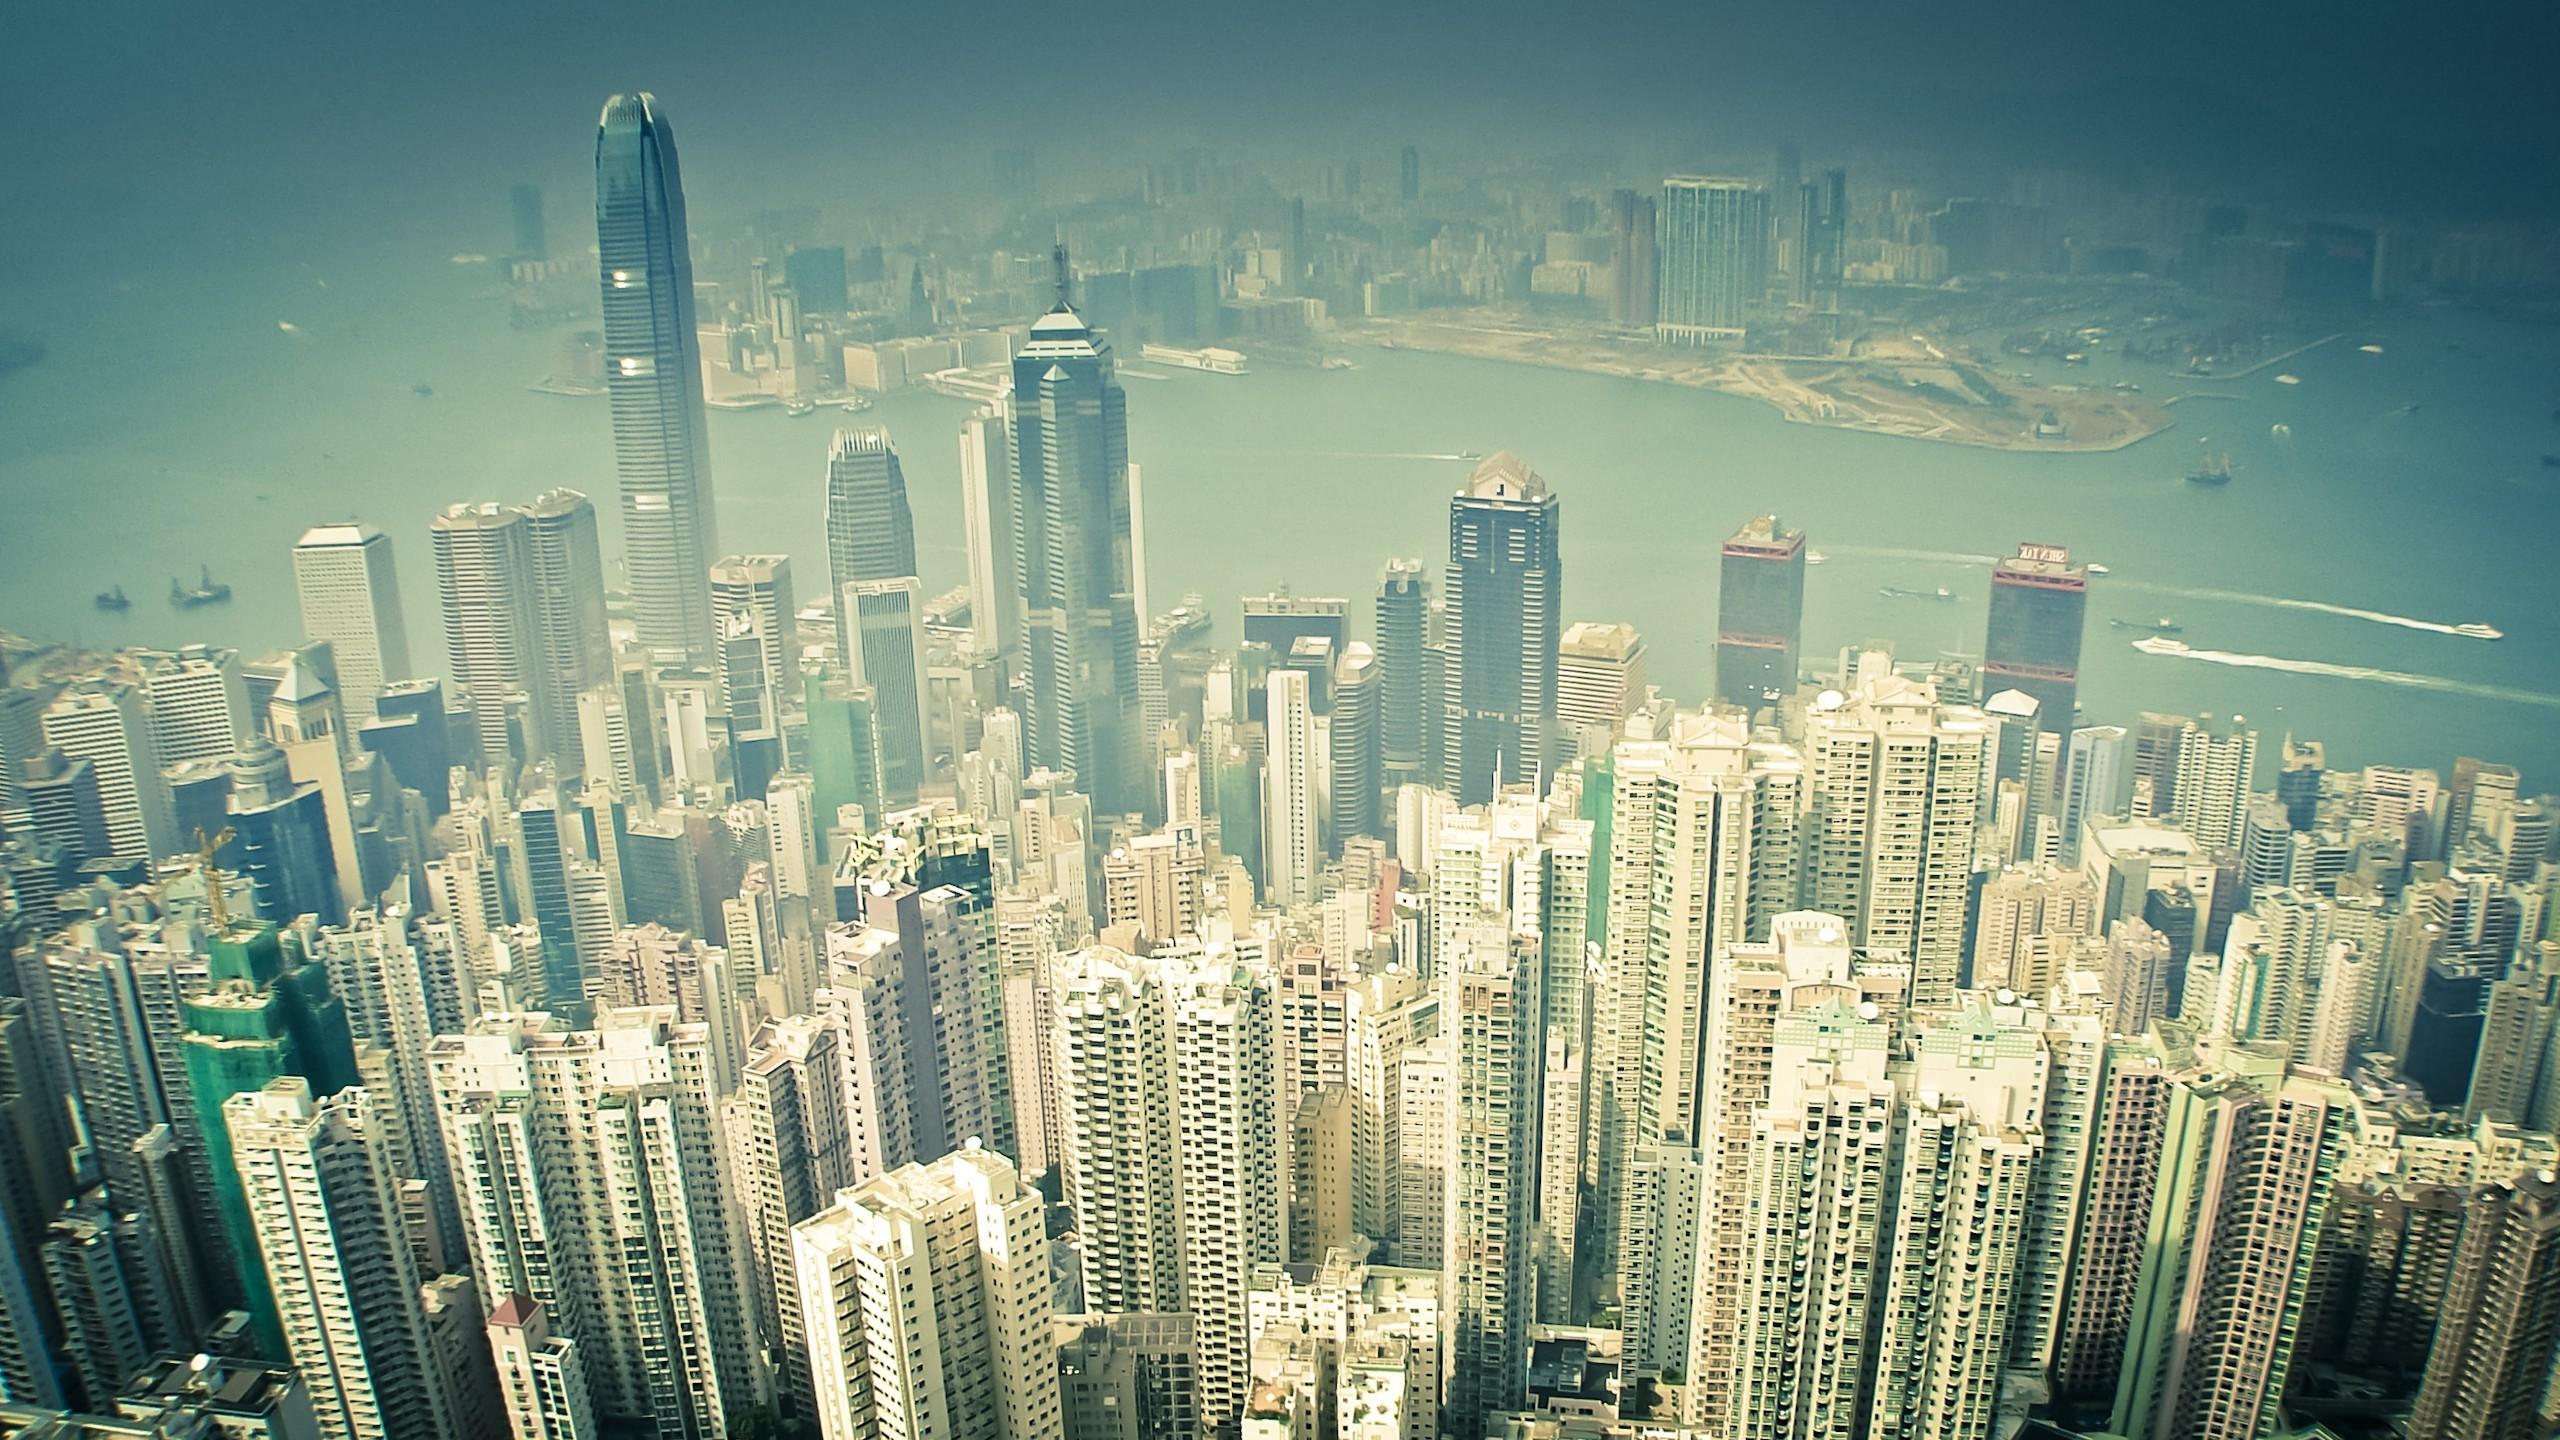 Hong Kong wallpaper   1099830 2560x1440